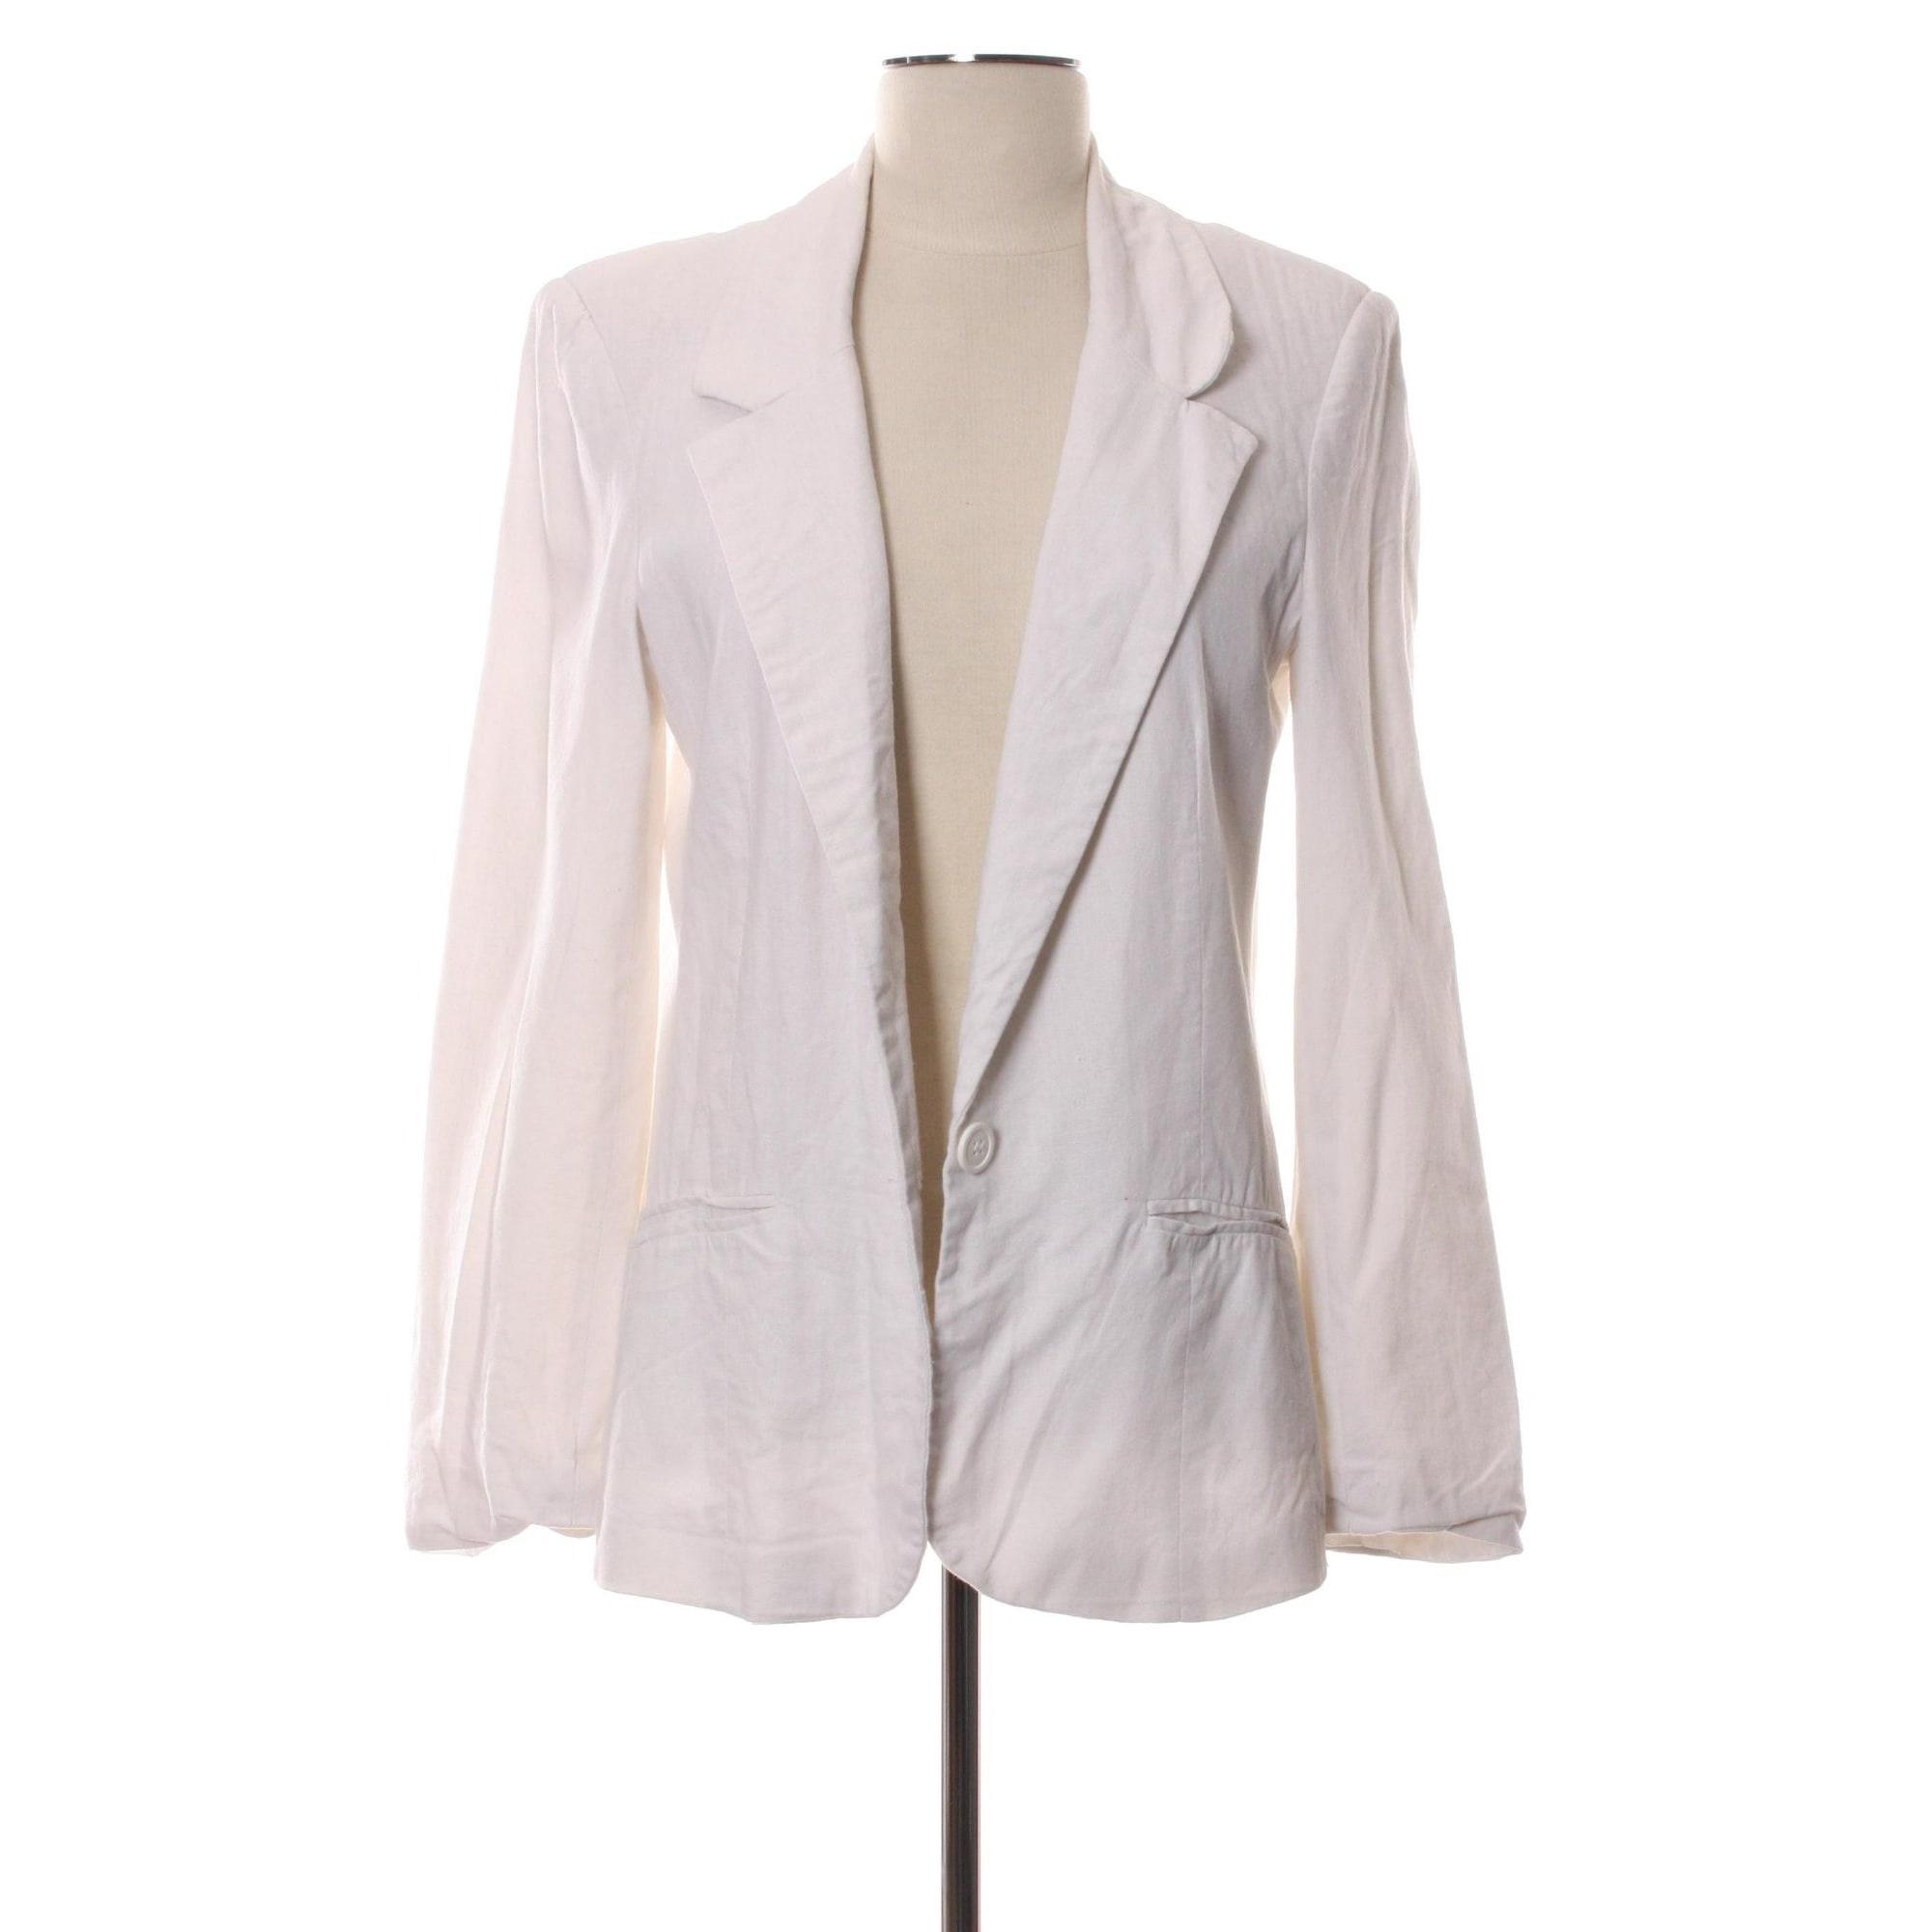 Veste ASOS Blanc, blanc cassé, écru